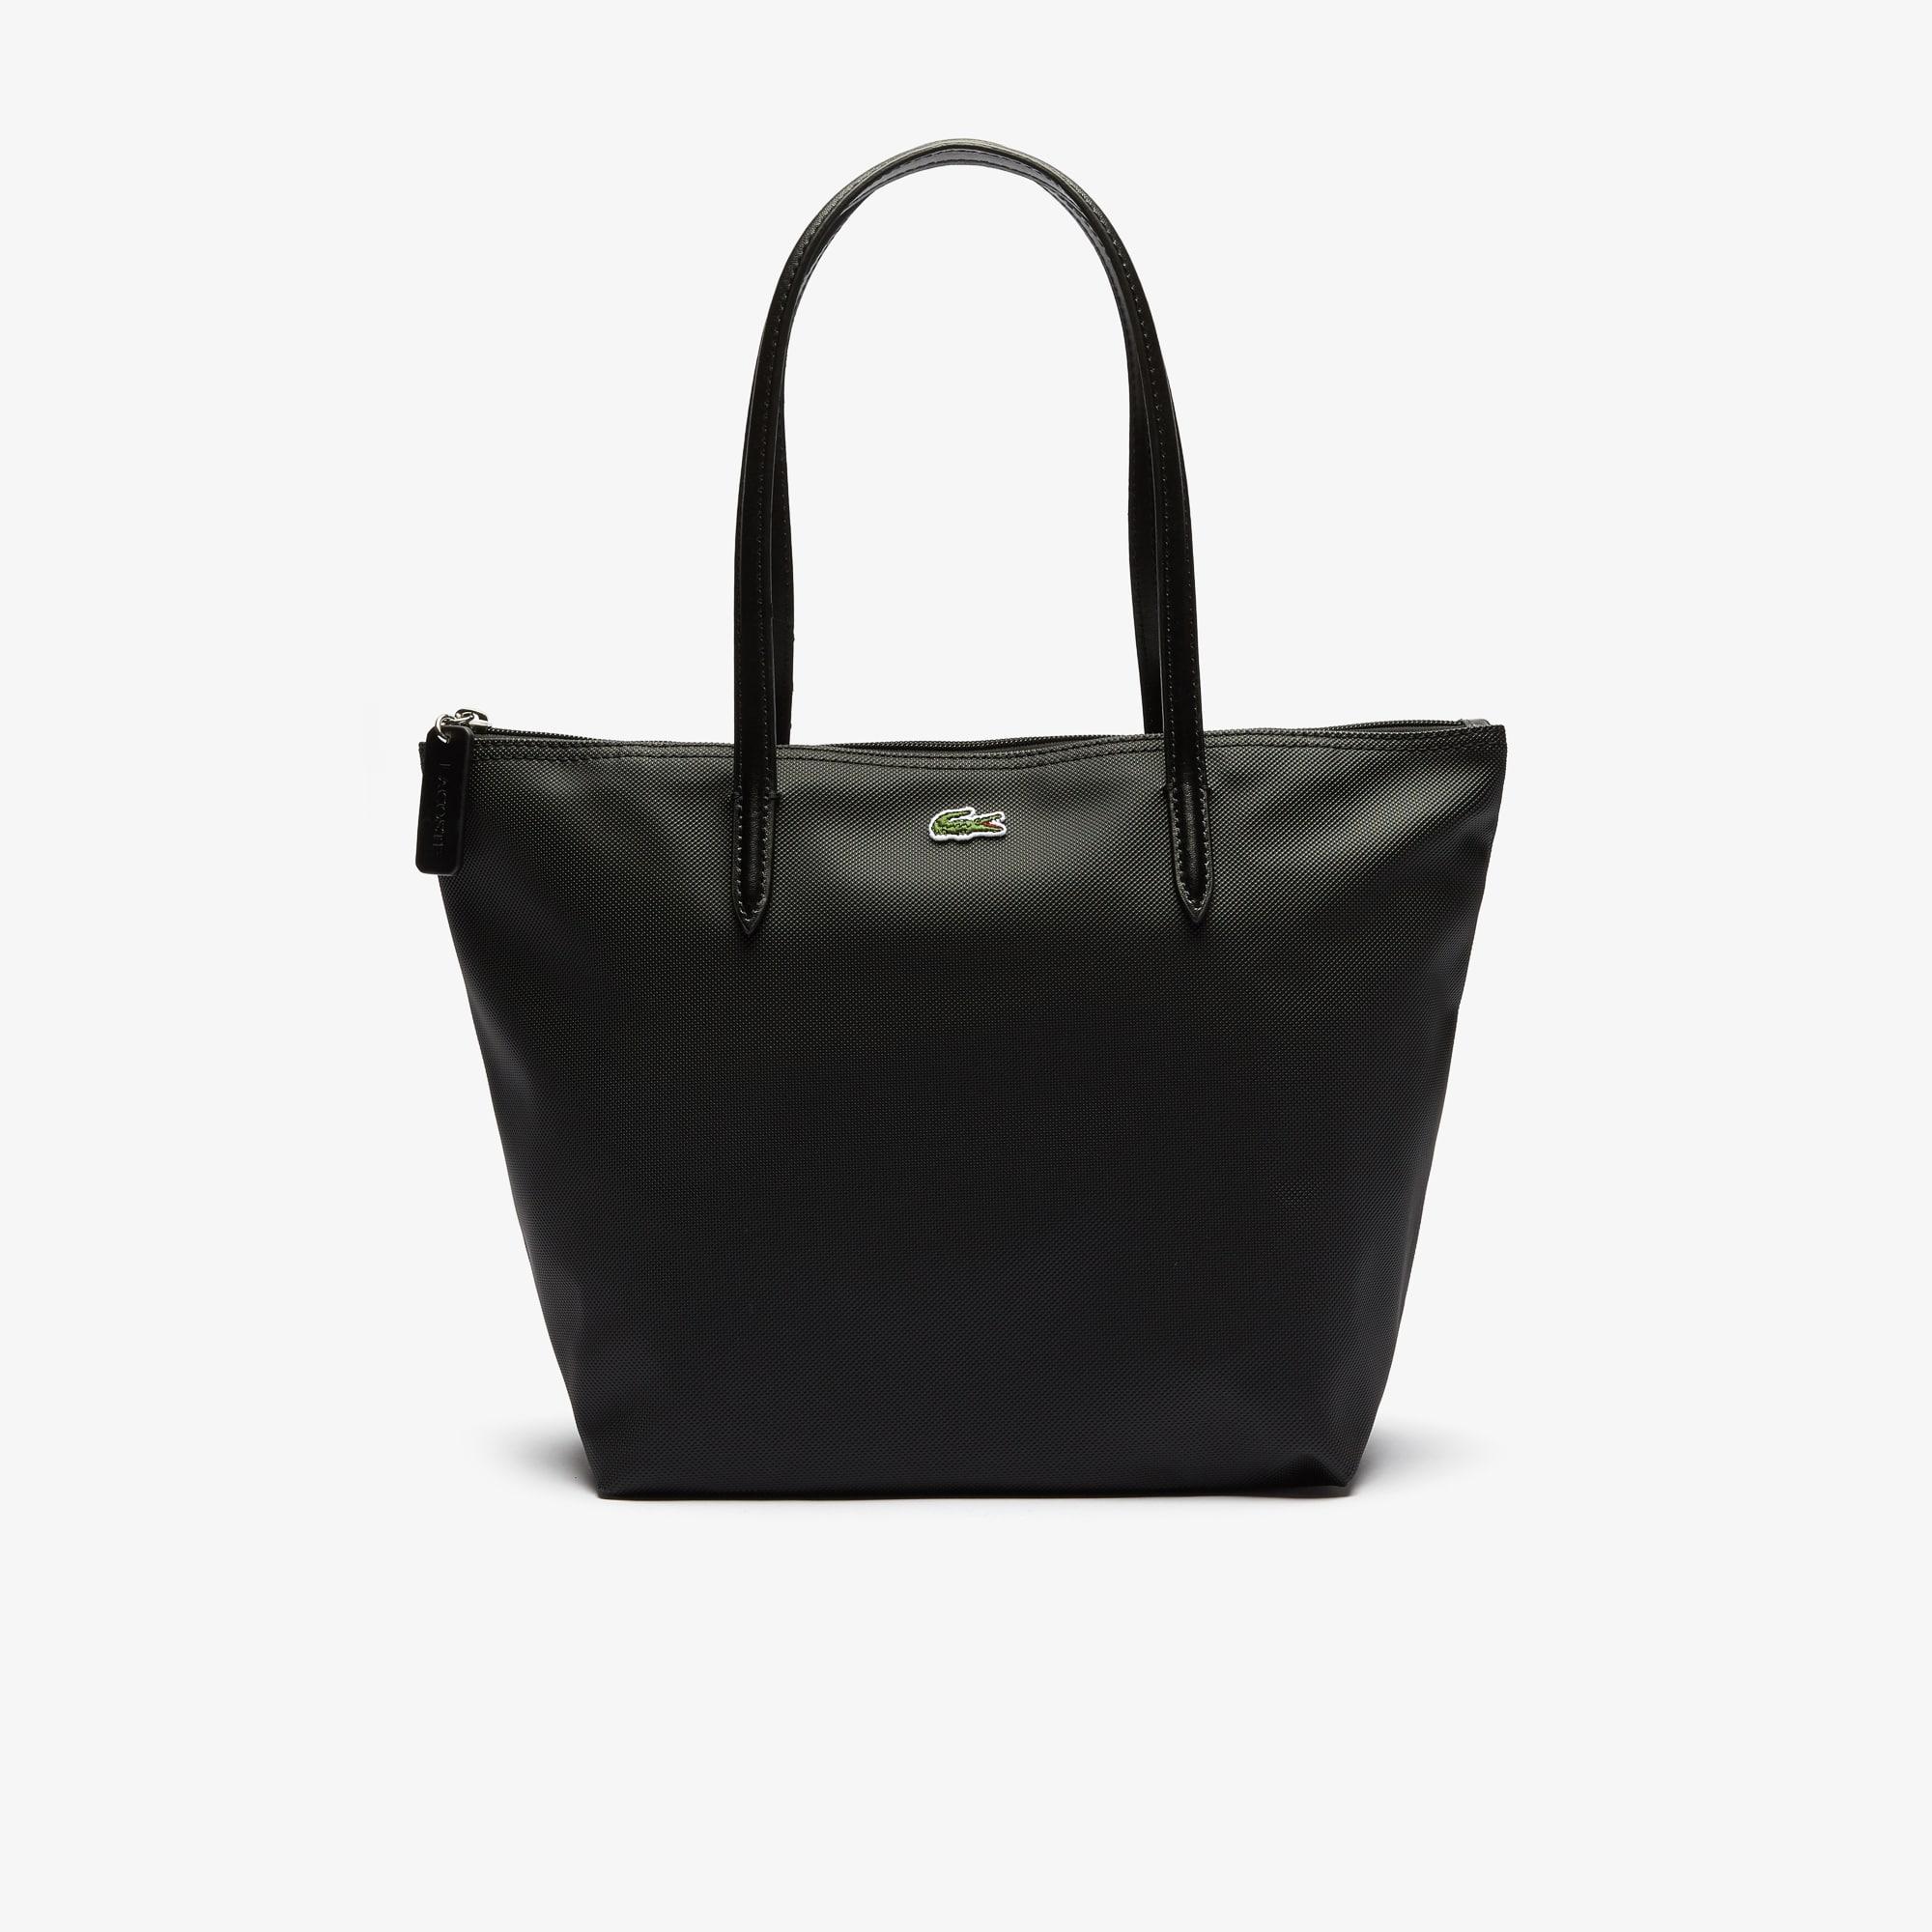 Sacs à main cuir, sacs cabas | Maroquinerie femme | LACOSTE